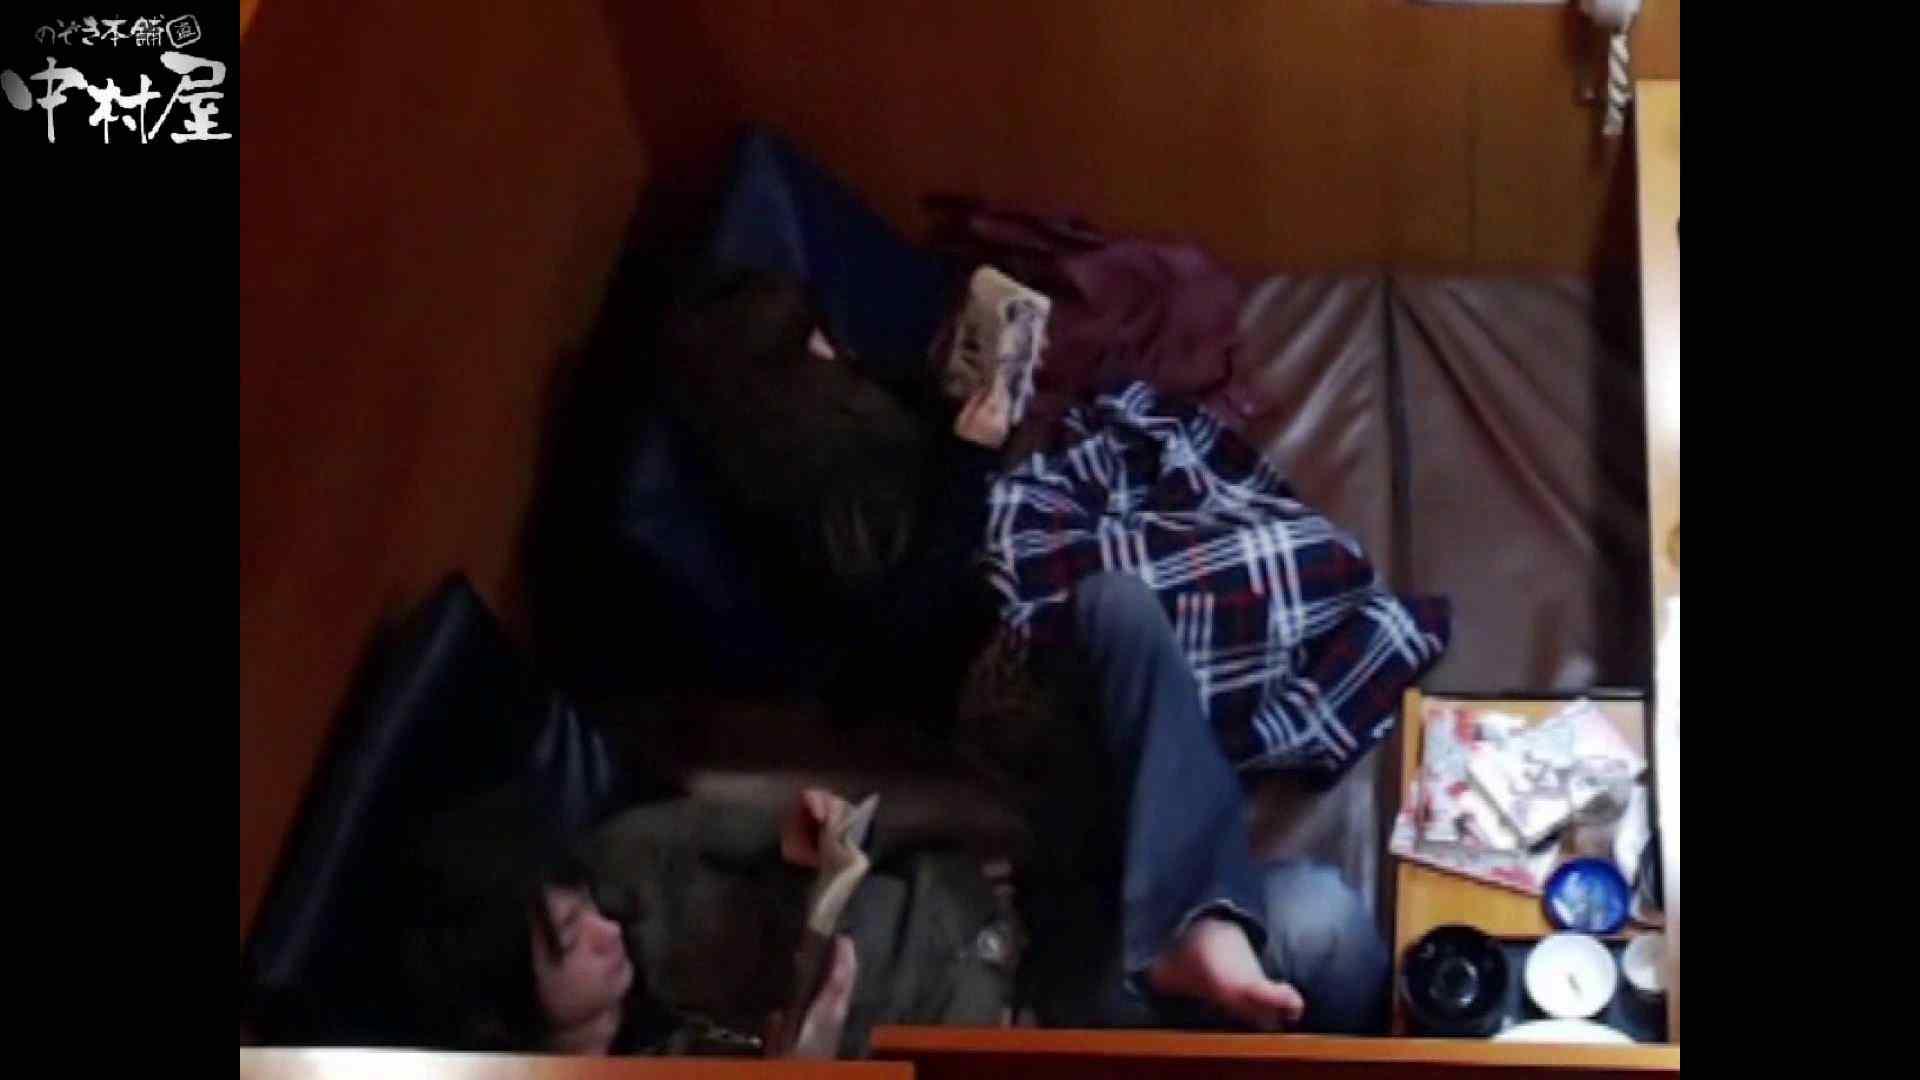 ネットカフェ盗撮師トロントさんの 素人カップル盗撮記vol.4 おっぱい 濡れ場動画紹介 101PIX 22